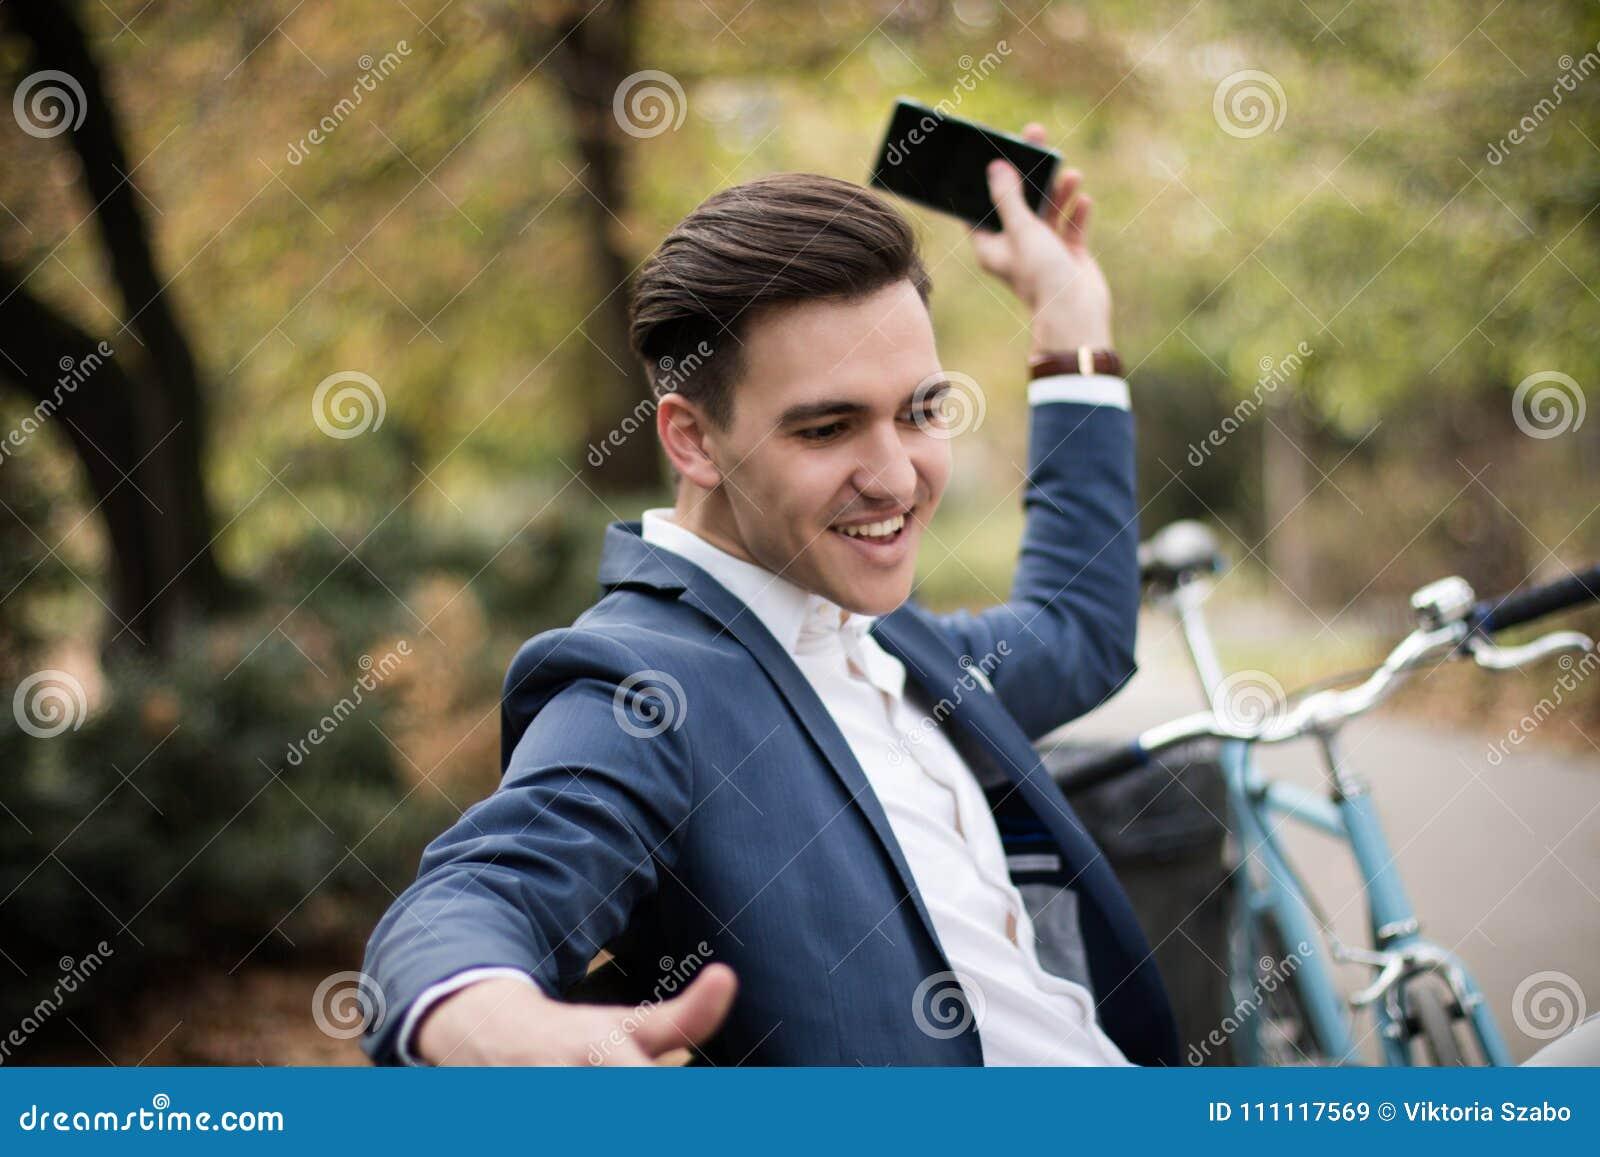 Hombre de negocios joven que lanza lejos su smartphone en el parque